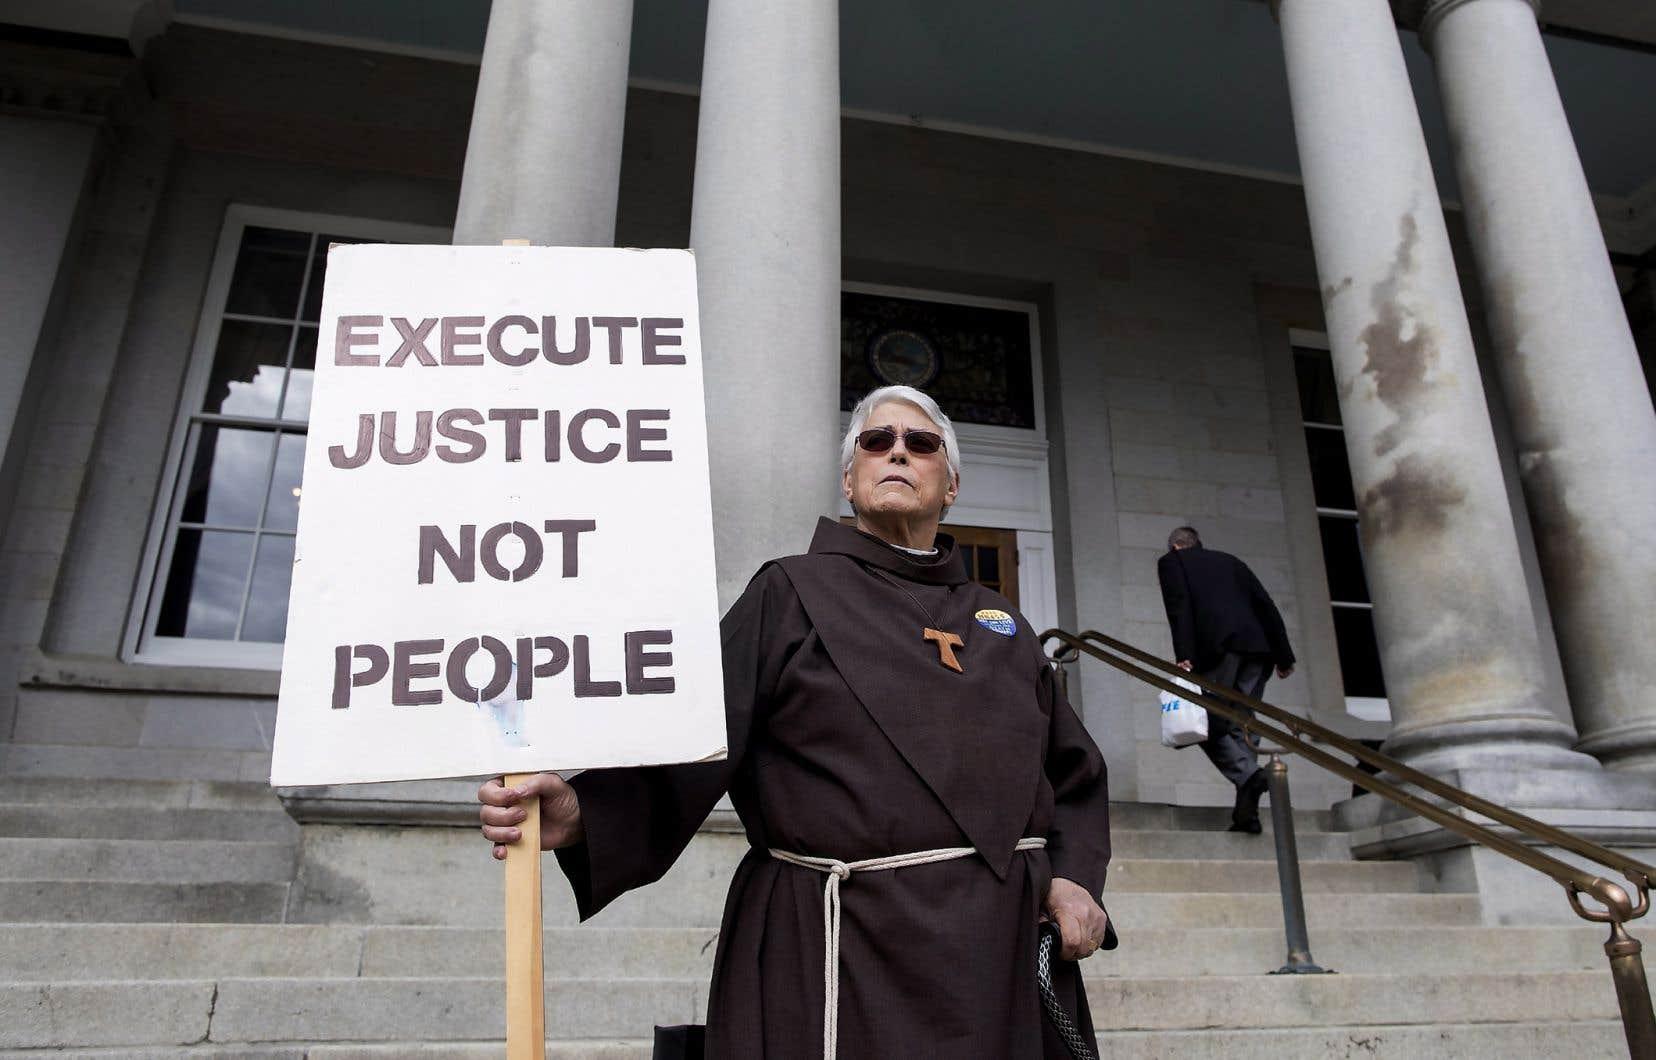 Le New Hampshire est devenu jeudi le plus récent État américain à avoir aboli la peine de mort.